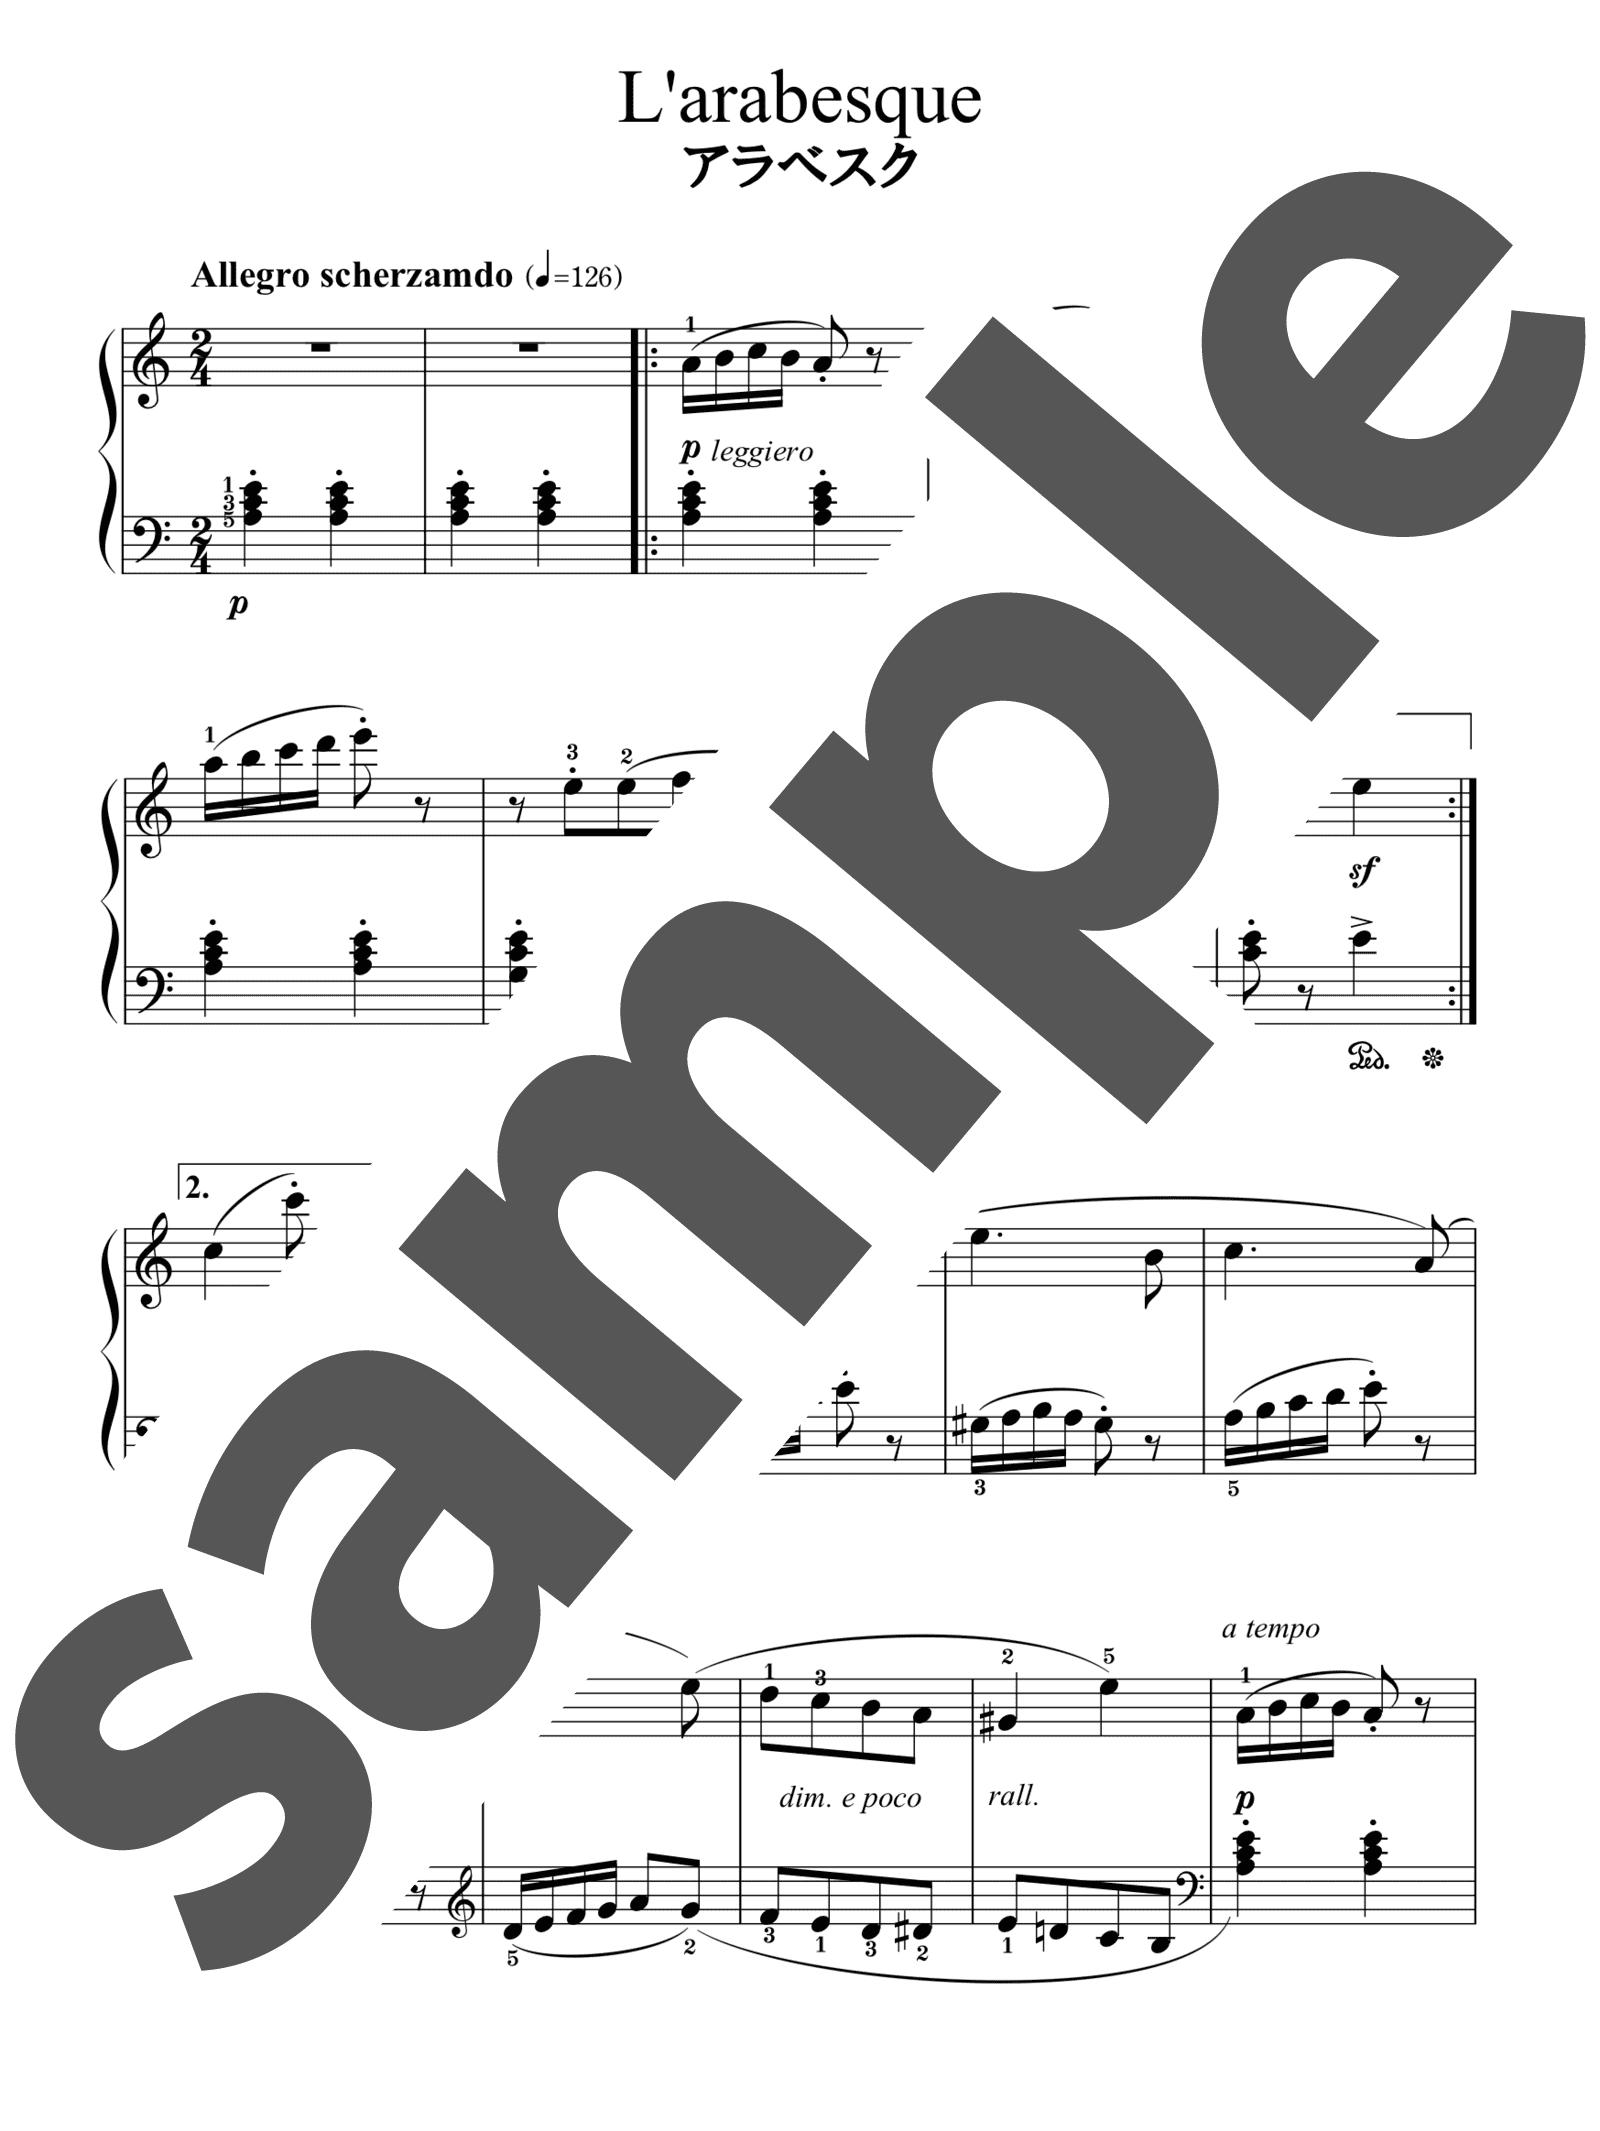 「ブルグミュラー25の練習曲2番 アラベスク」のサンプル楽譜